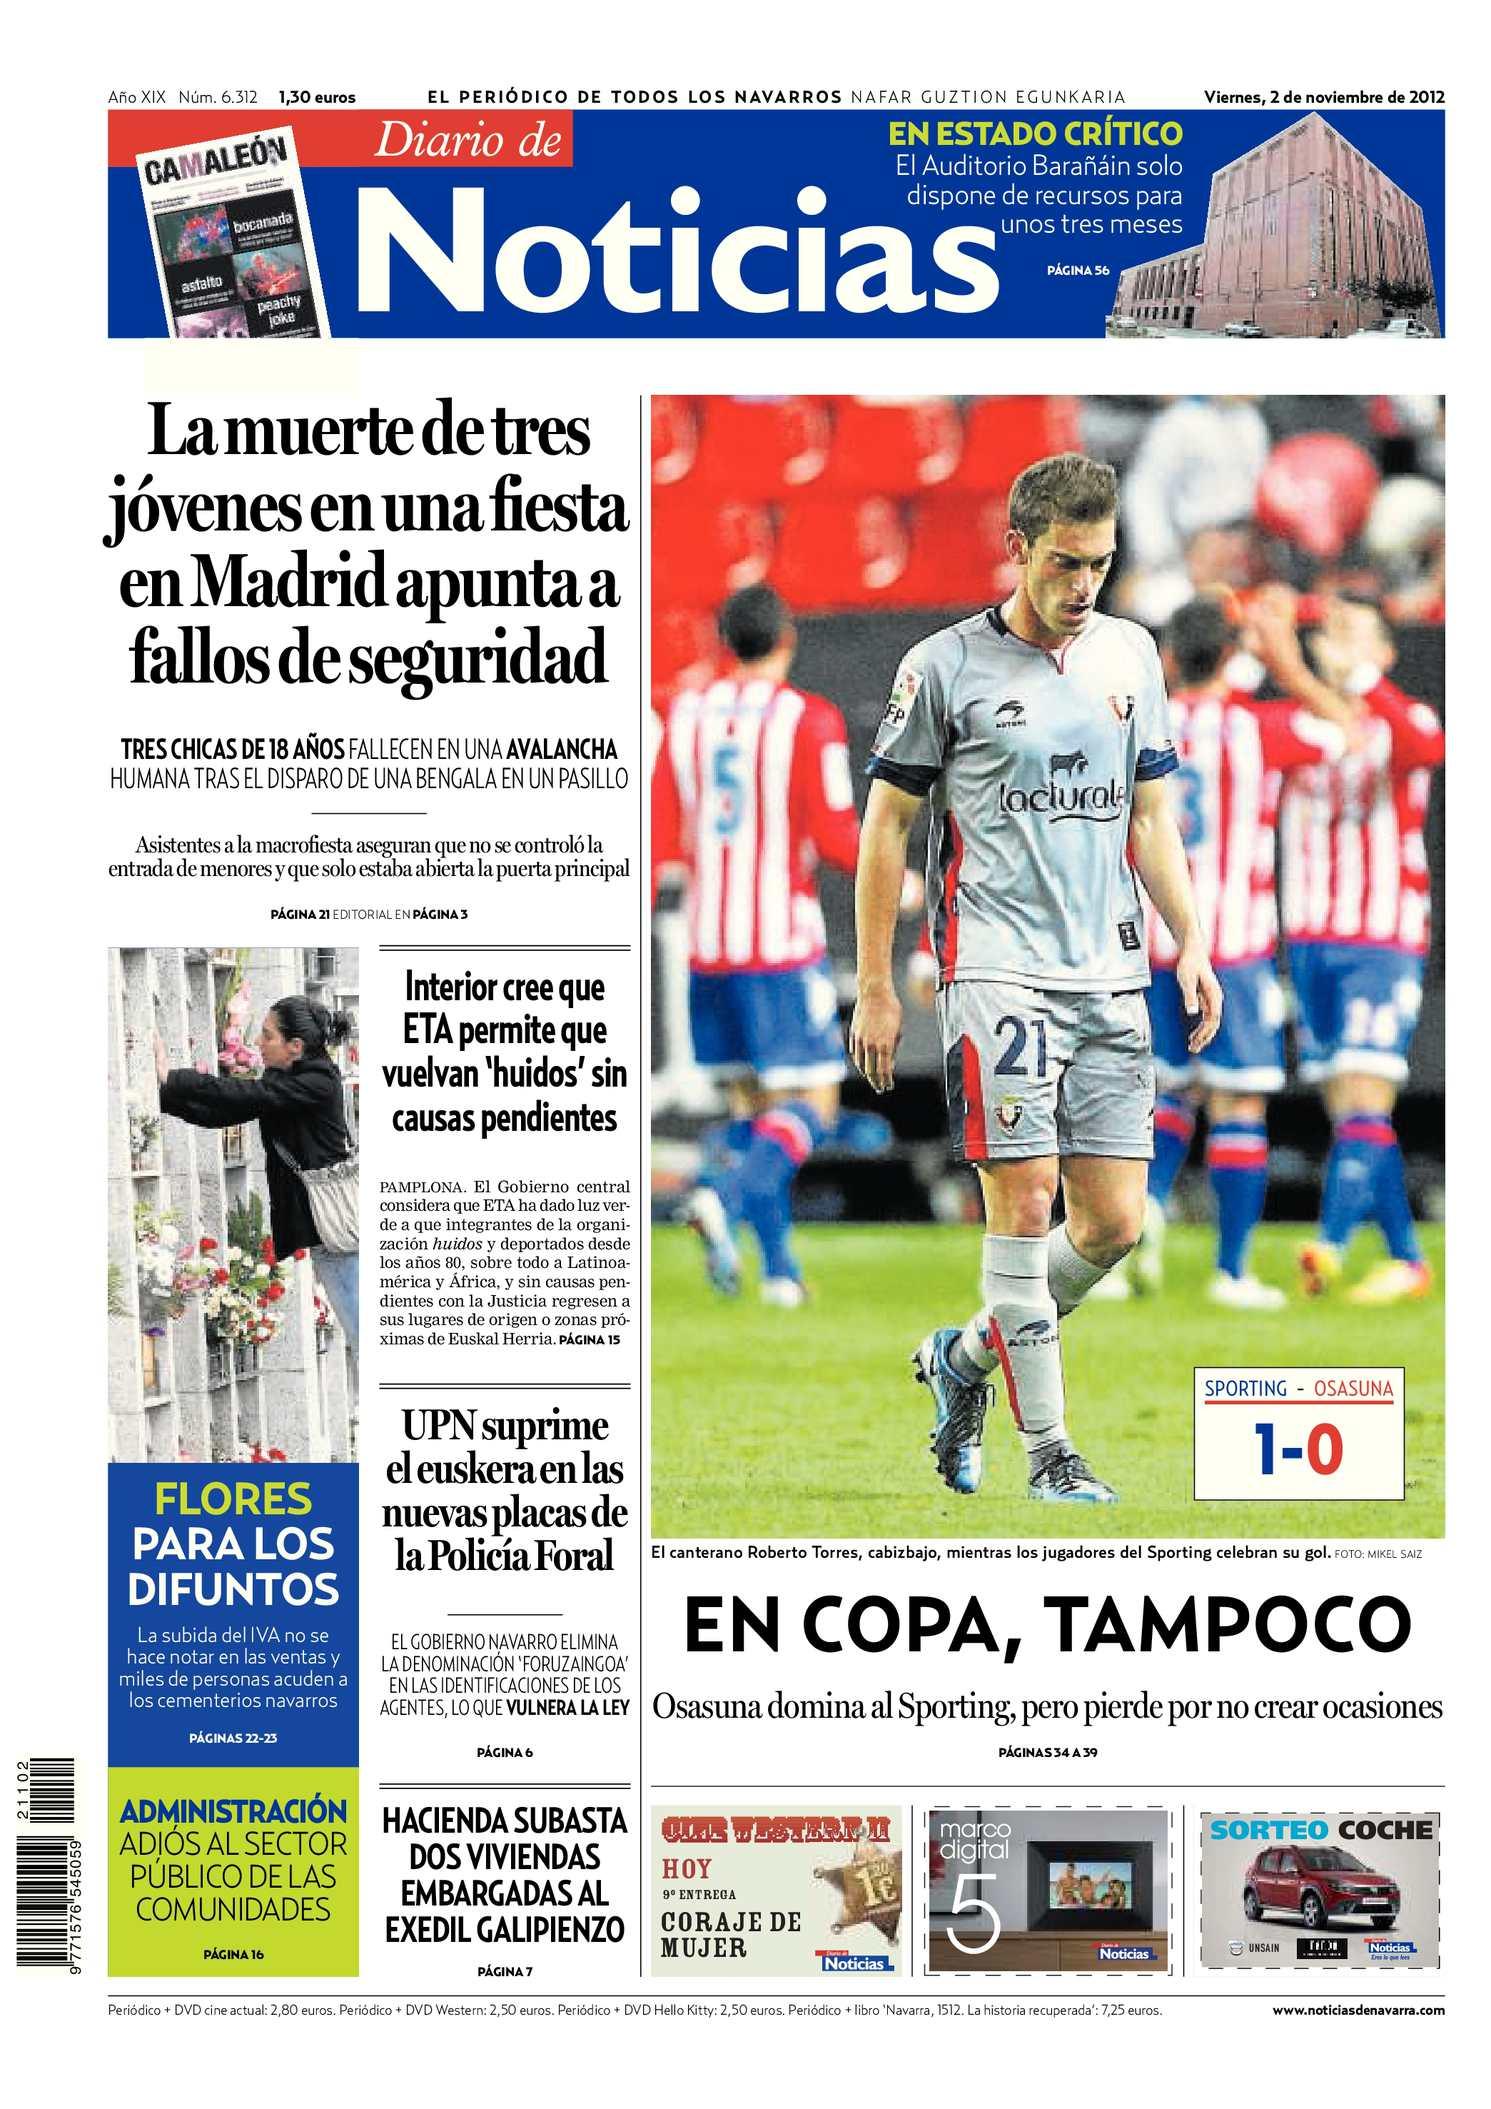 Calaméo - Diario de Noticias 20121102 1a0ef248655d1